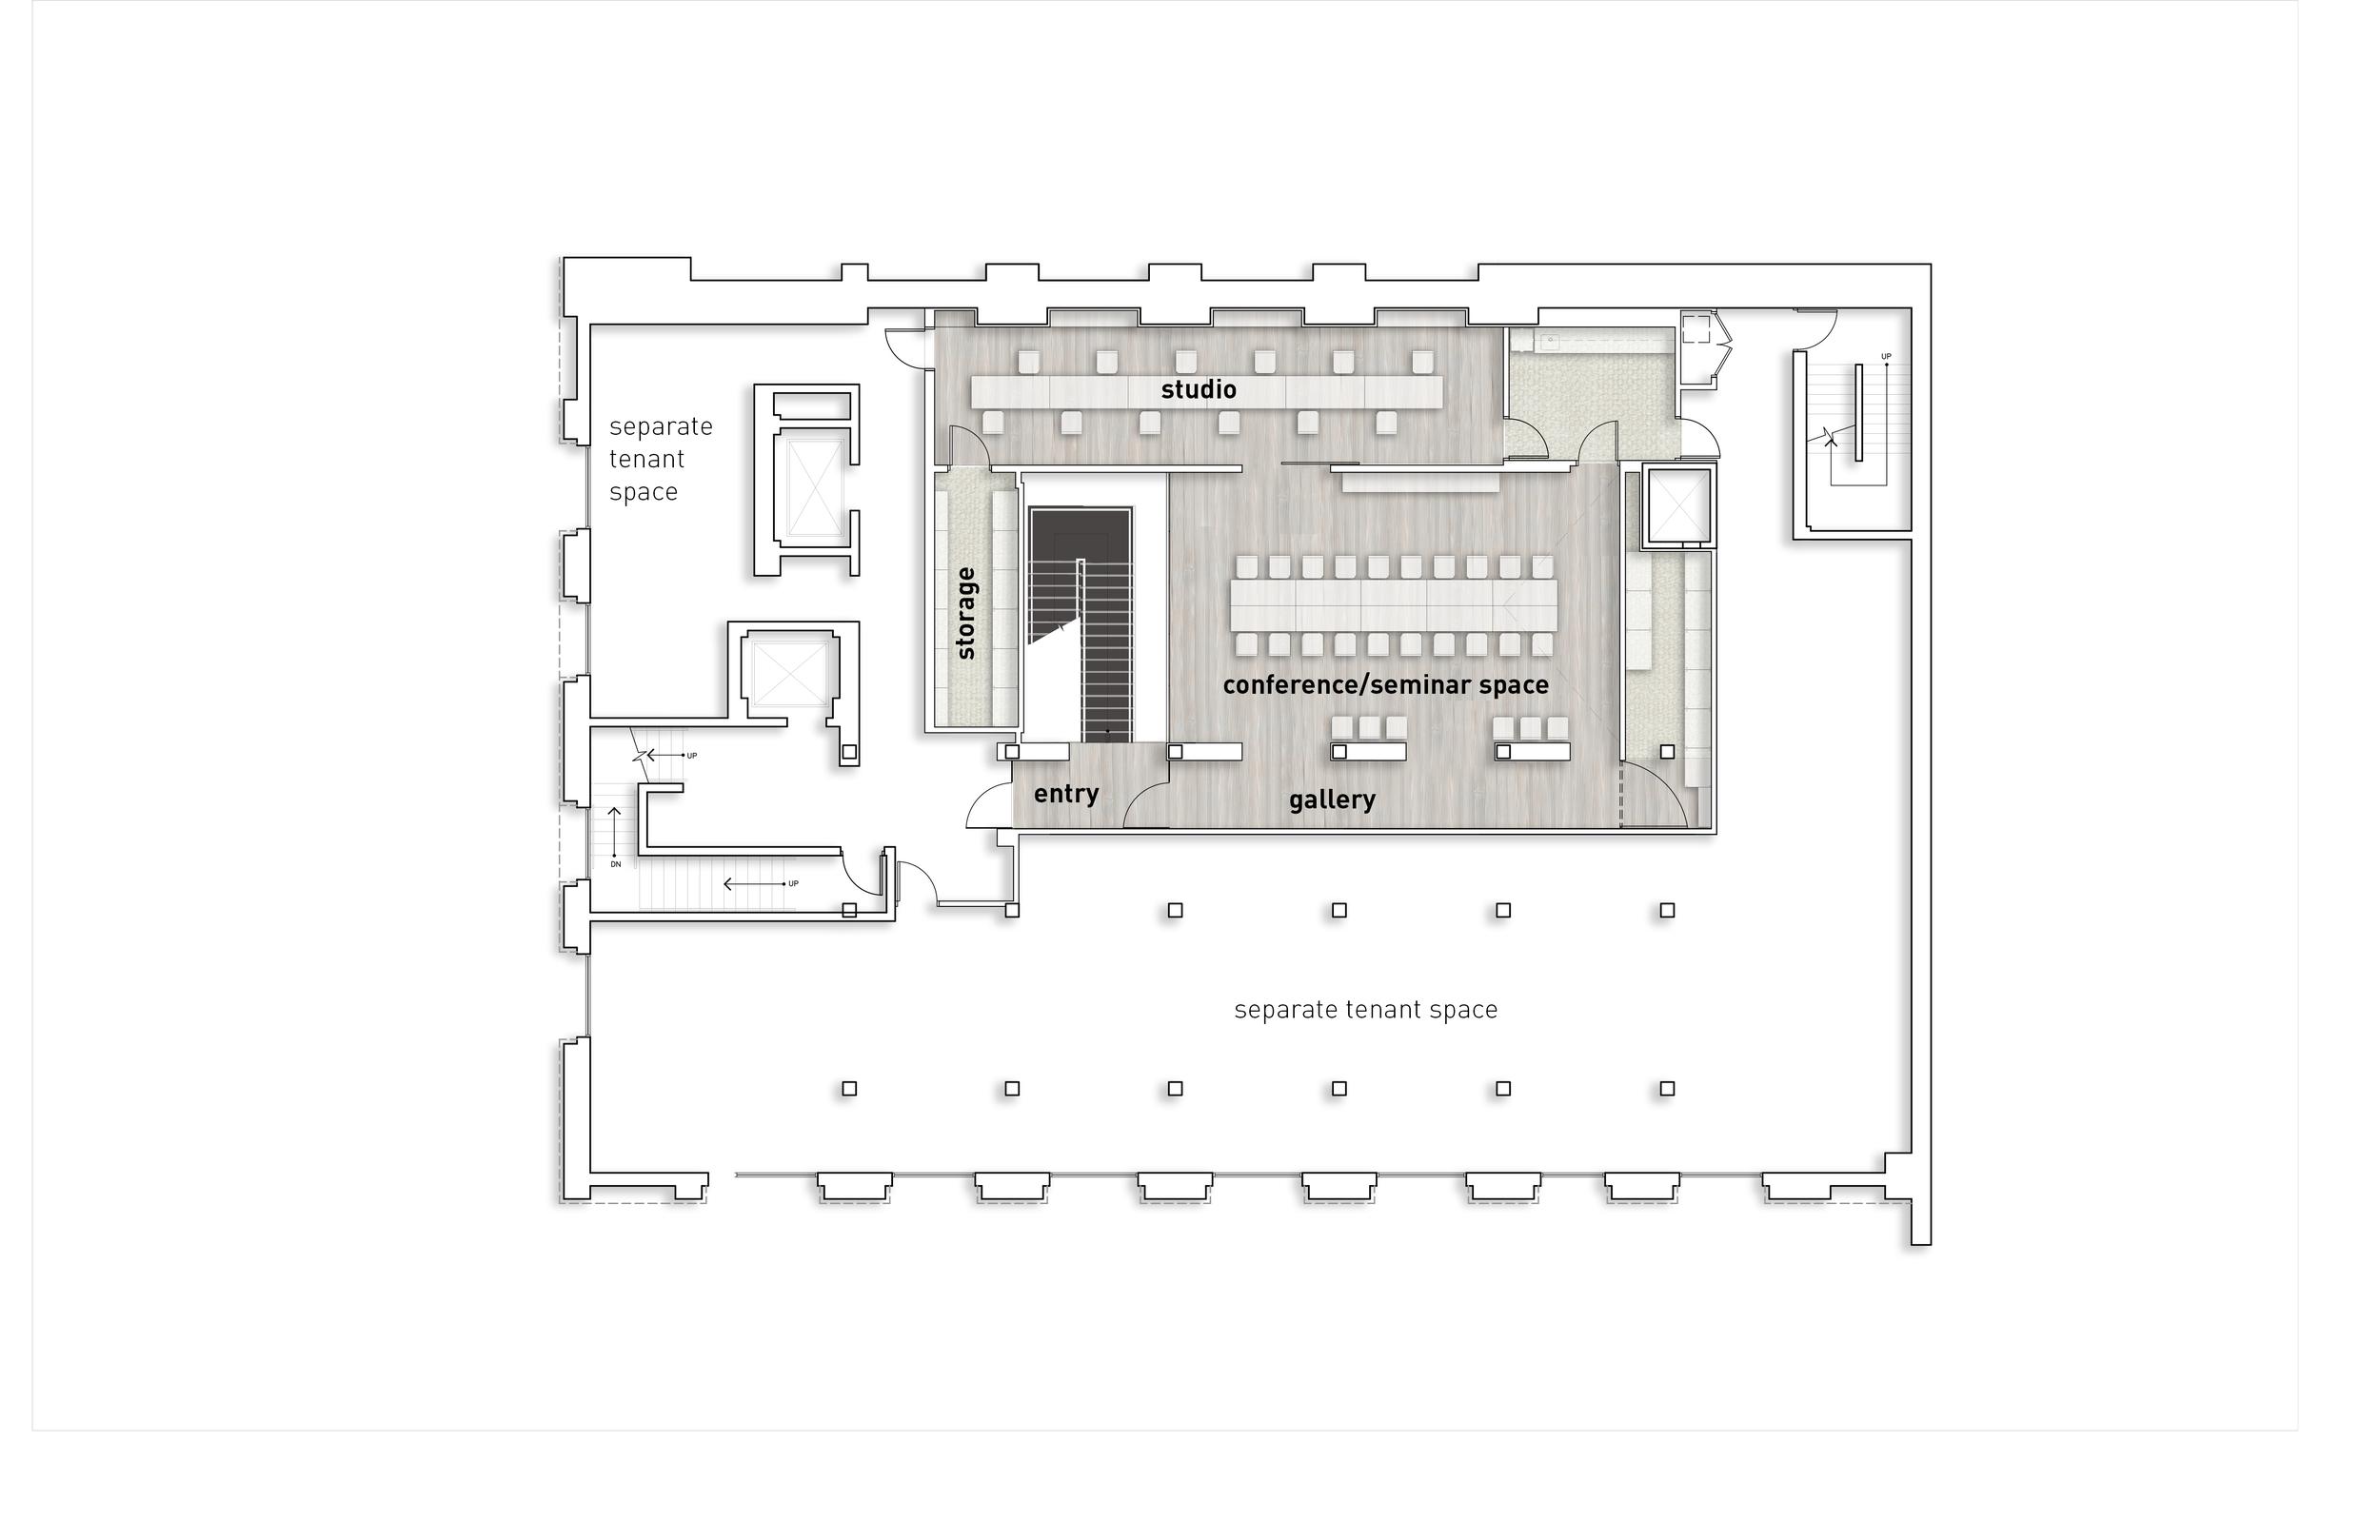 Miami Center for Architecture & Design